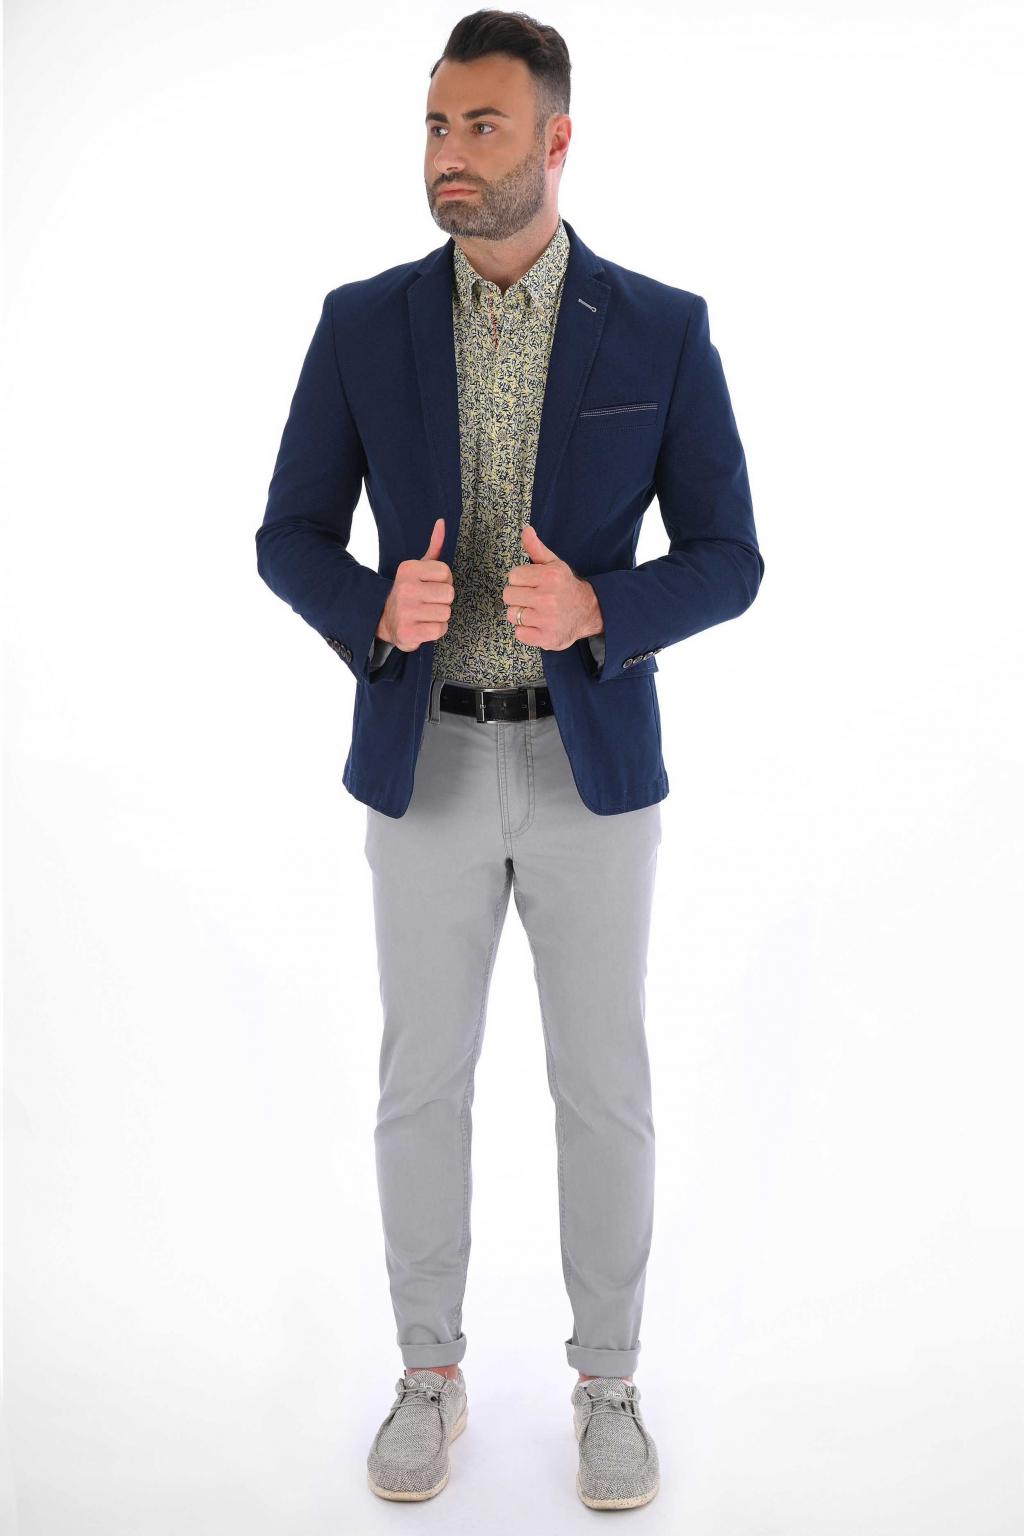 Tmavomodré sako s jemným vzorom ULTRA SLIM strih, bavlna stretch